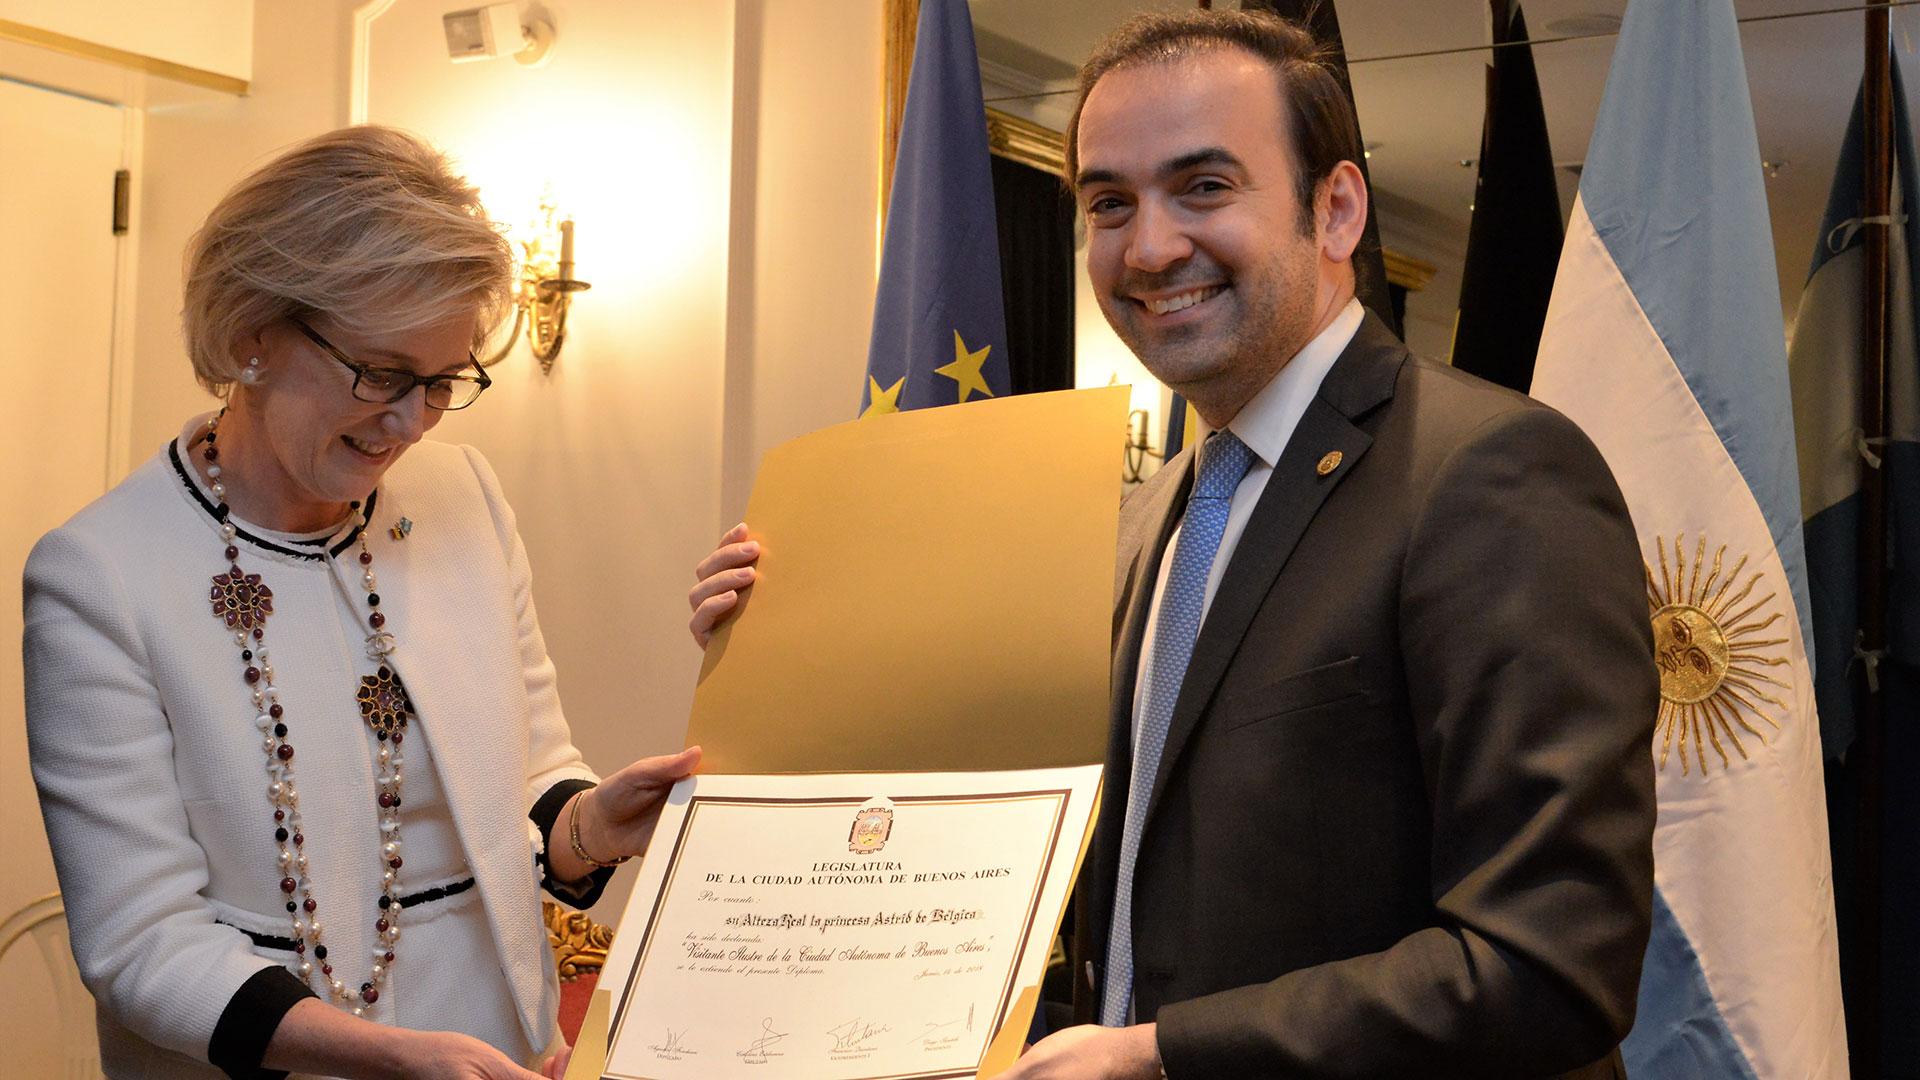 Su Alteza Real la Princesa Astrid de Bélgica recibió el diploma de Visitante Ilustre de la Ciudad de Buenos Aires, un proyecto de autoría del Vicepresidente de la Legislatura Porteña, Francisco Quintana.